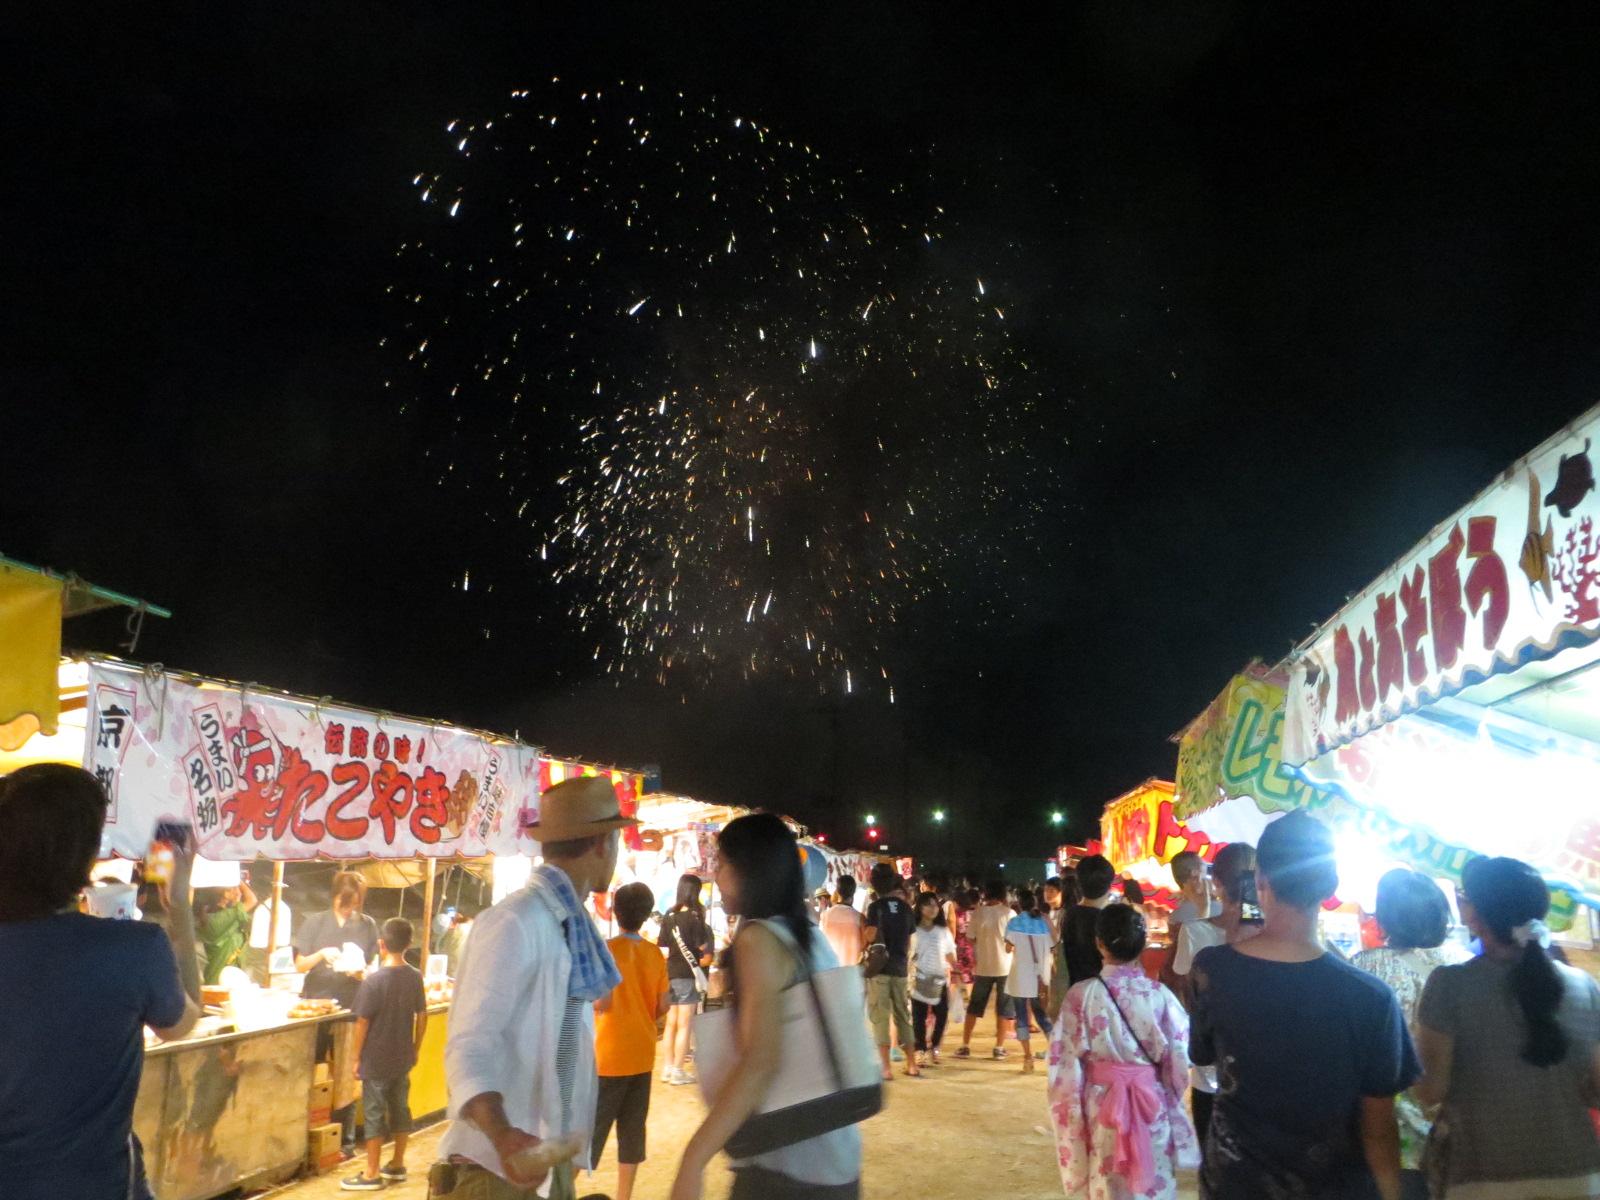 日本夏祭,難得可以邊逛邊吃邊賞煙花。